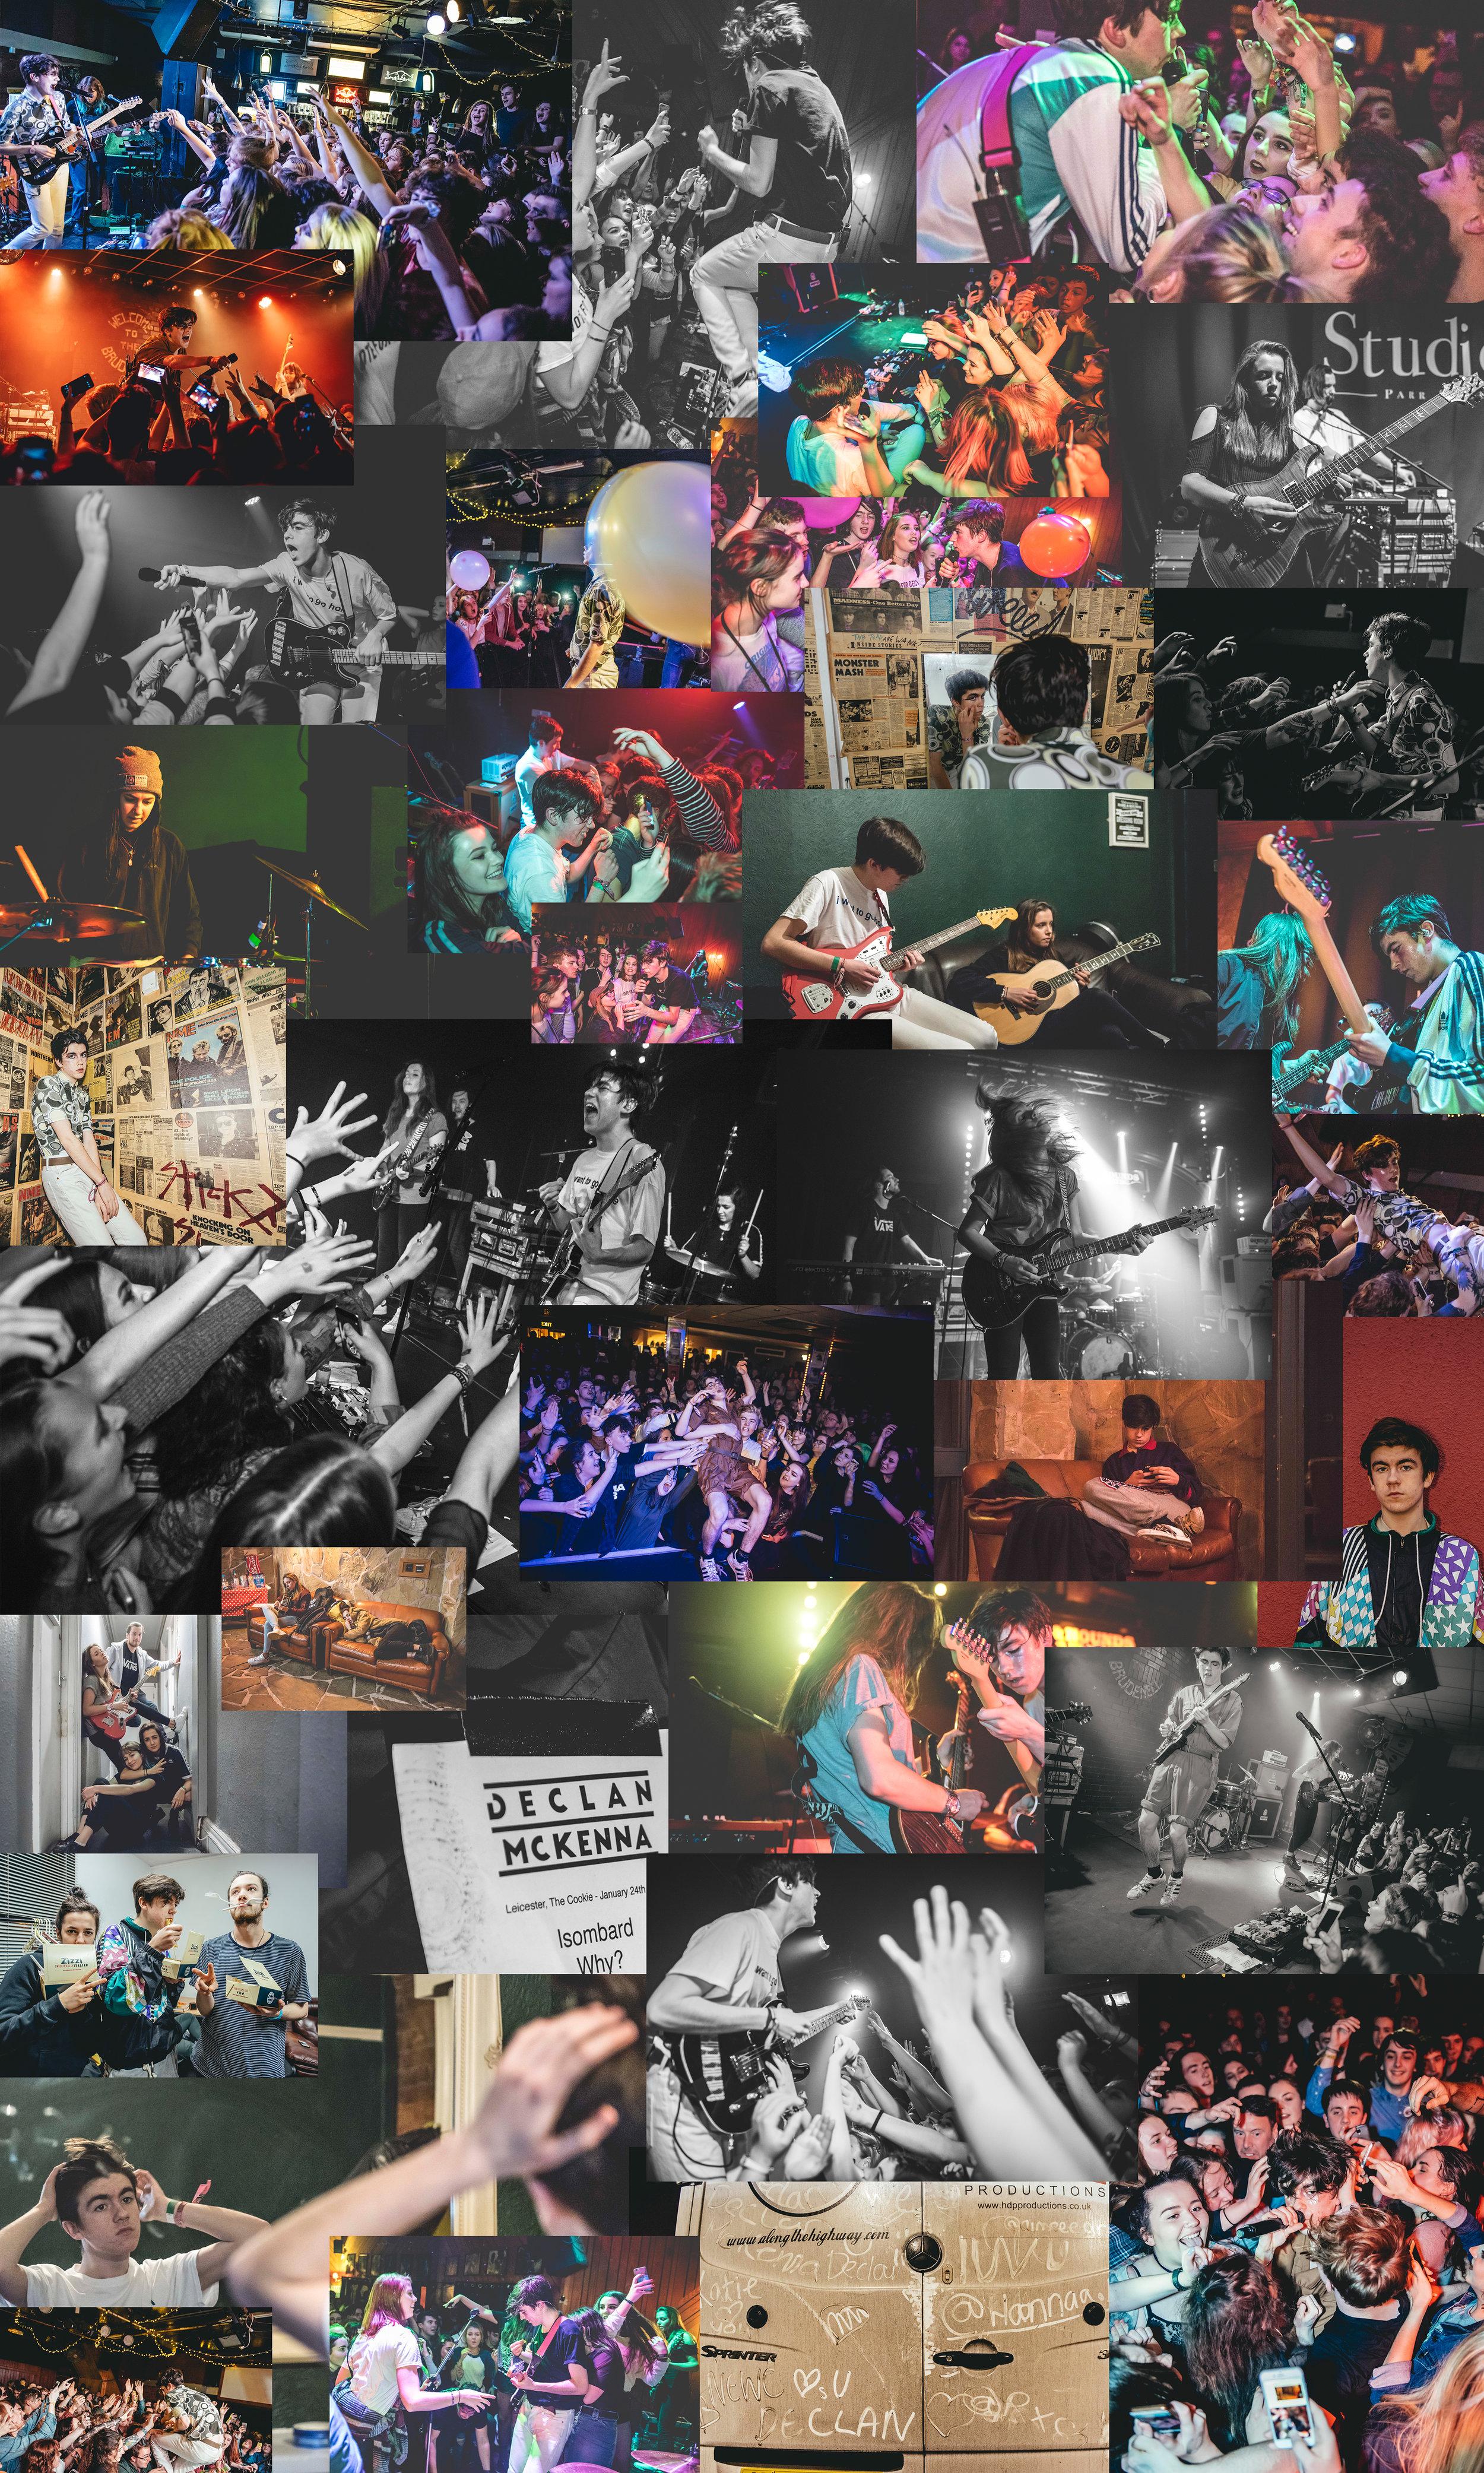 DeclanMcKenna_Tour_AndyHughes.jpg